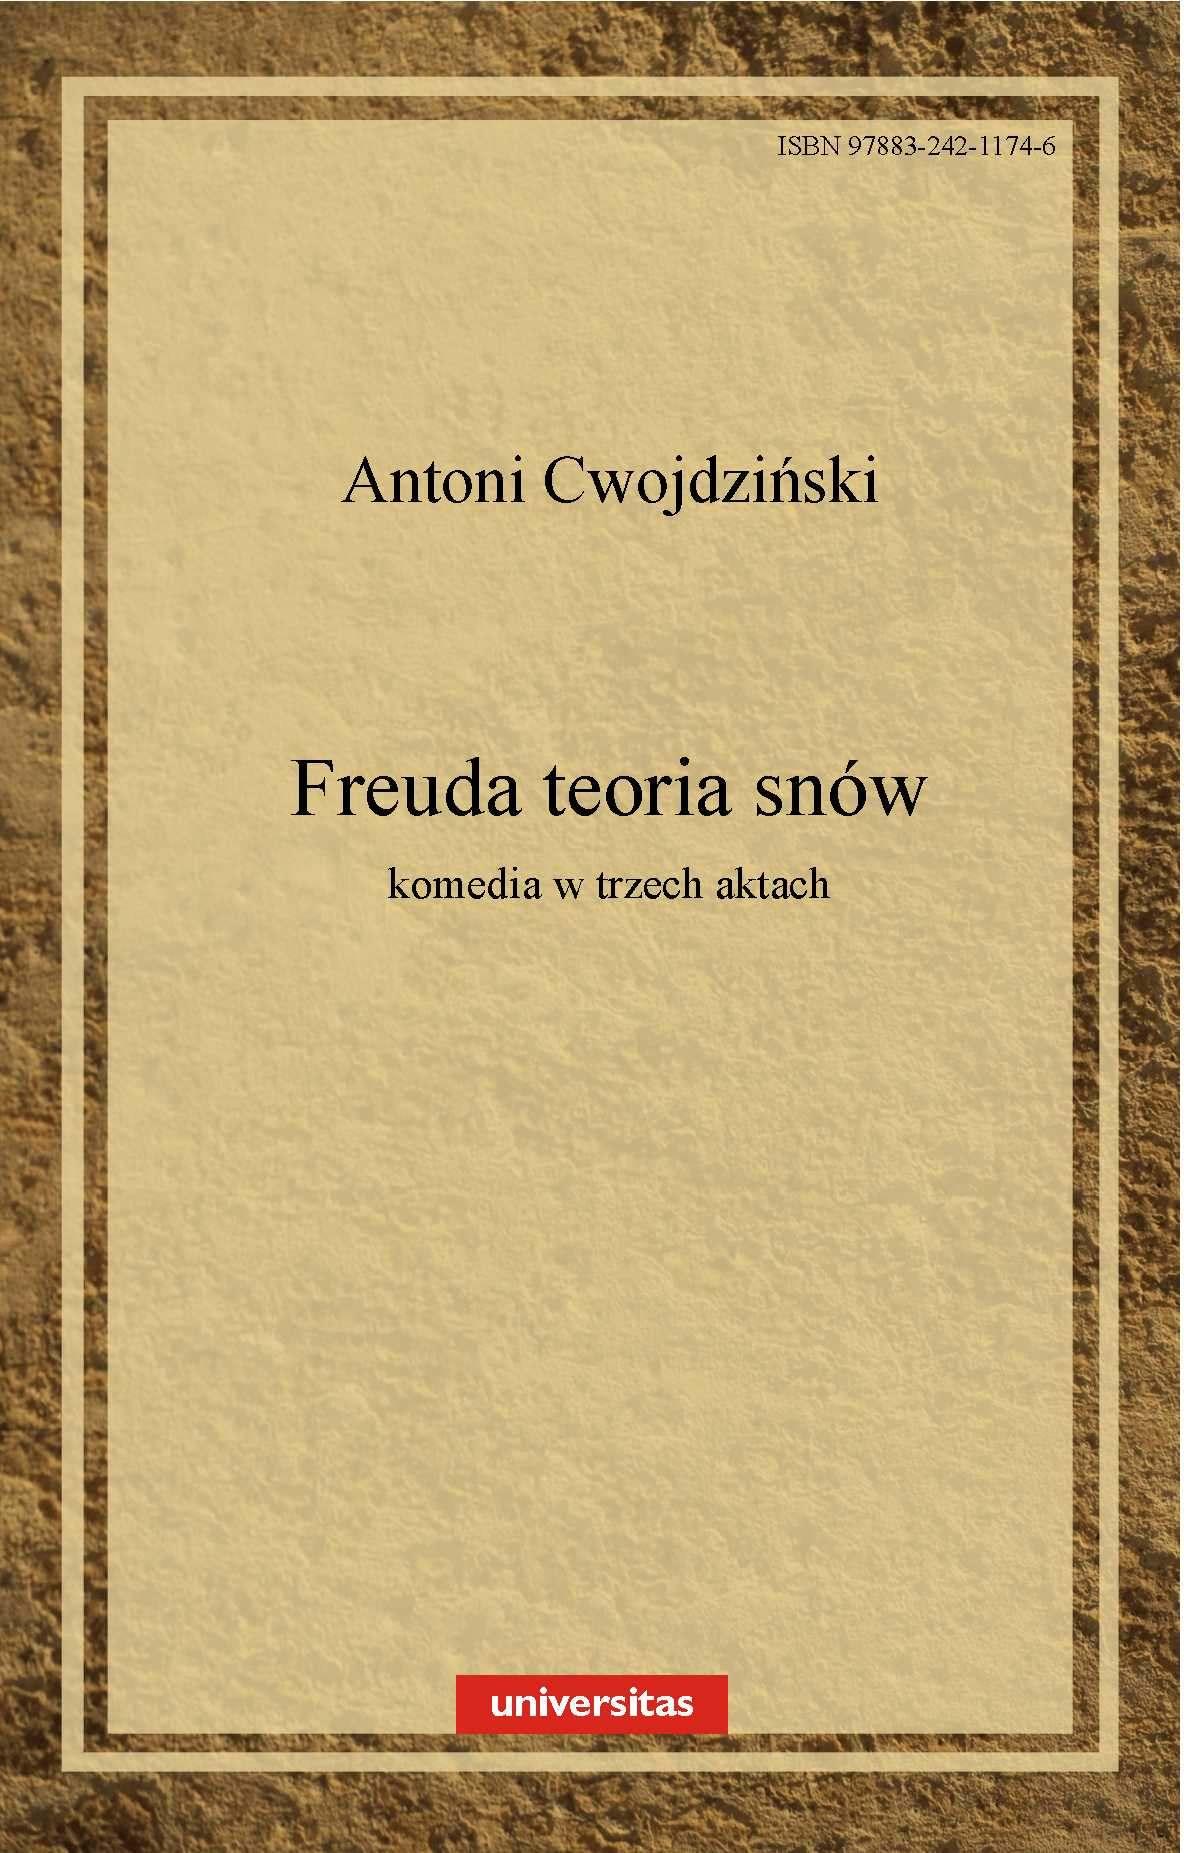 Freuda teoria snów - Ebook (Książka PDF) do pobrania w formacie PDF